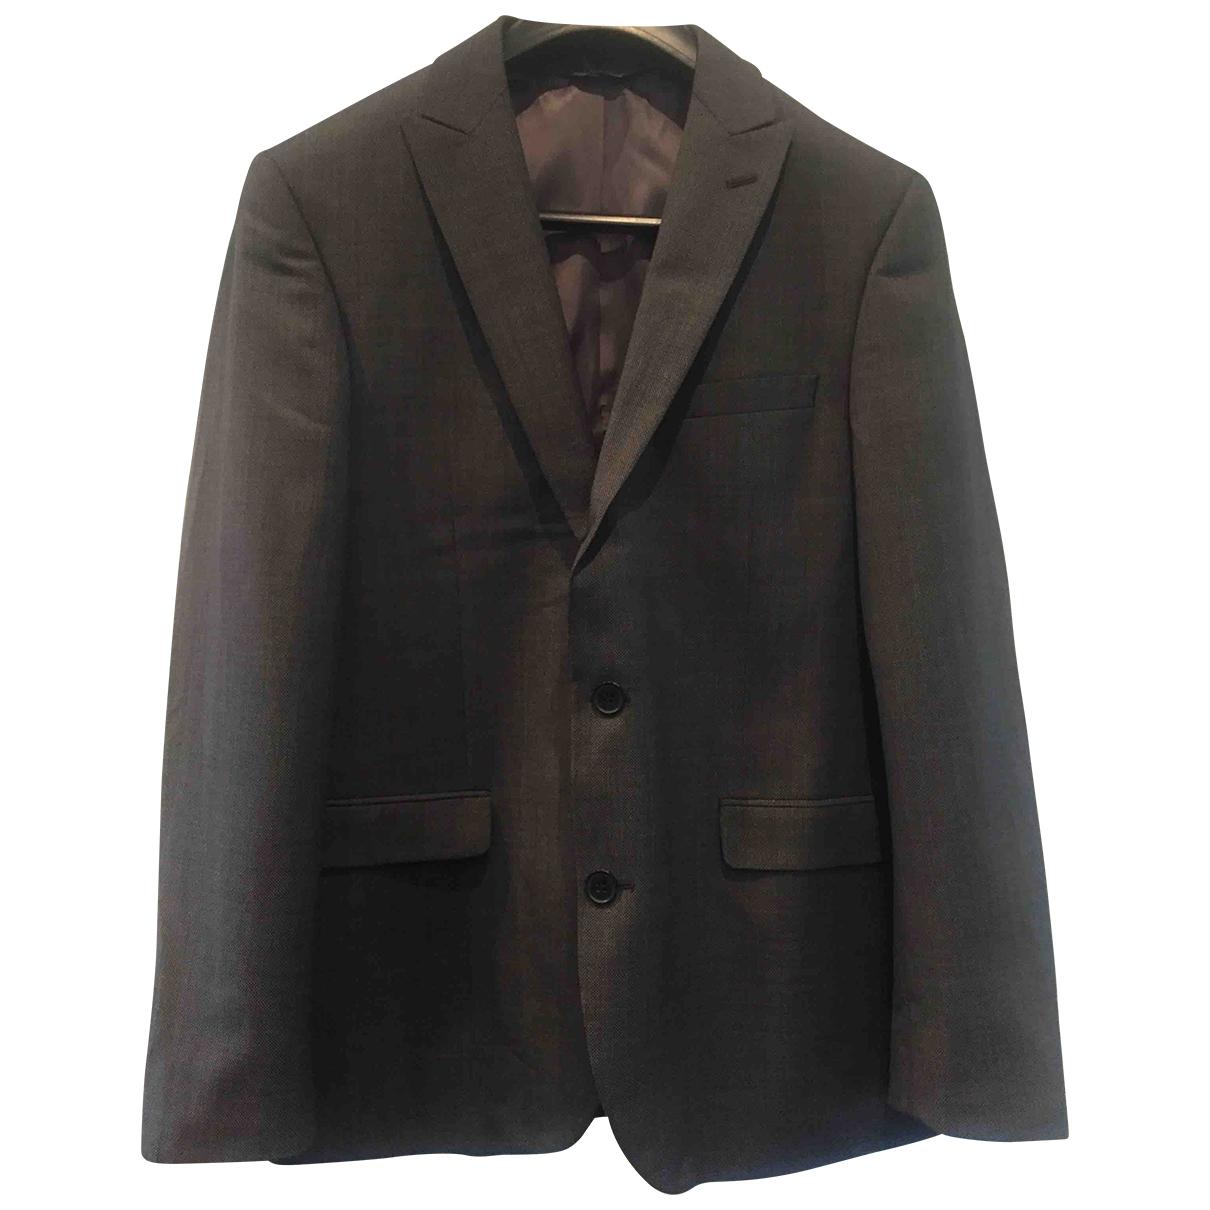 Dkny \N Grey Wool jacket  for Men 40 UK - US